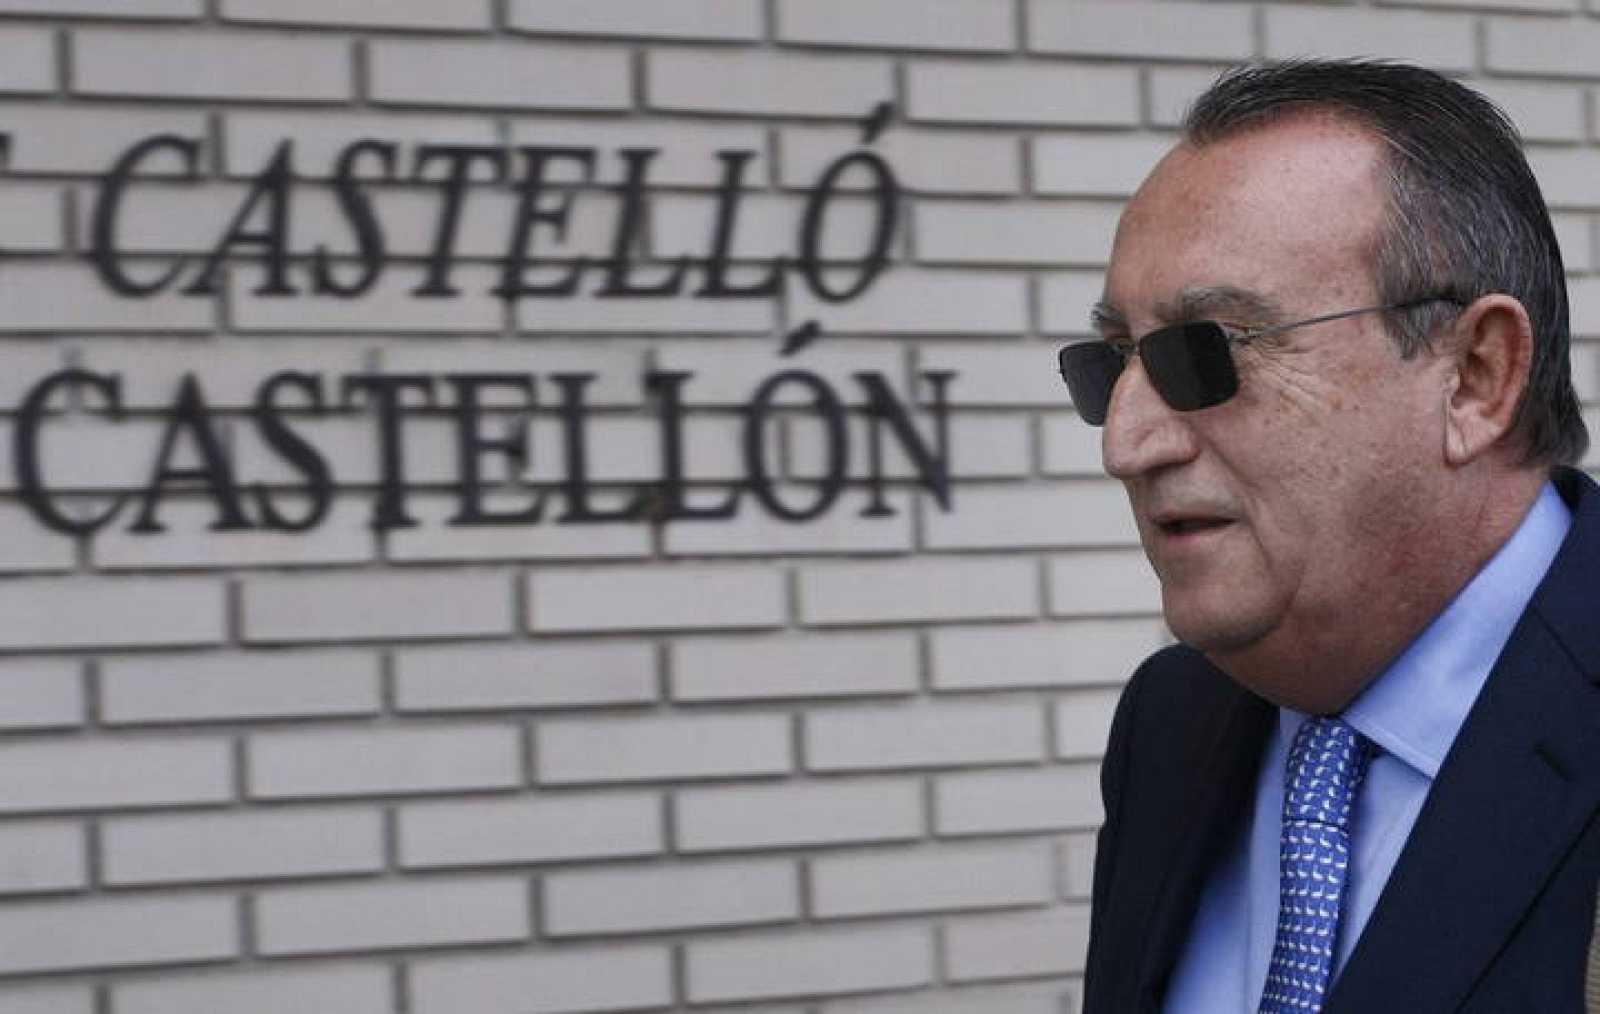 El expresidente de Castellón, Carlos Fabra, es juzgado por tráfico de influencias, cohecho y delitos contra la Hacienda Pública.